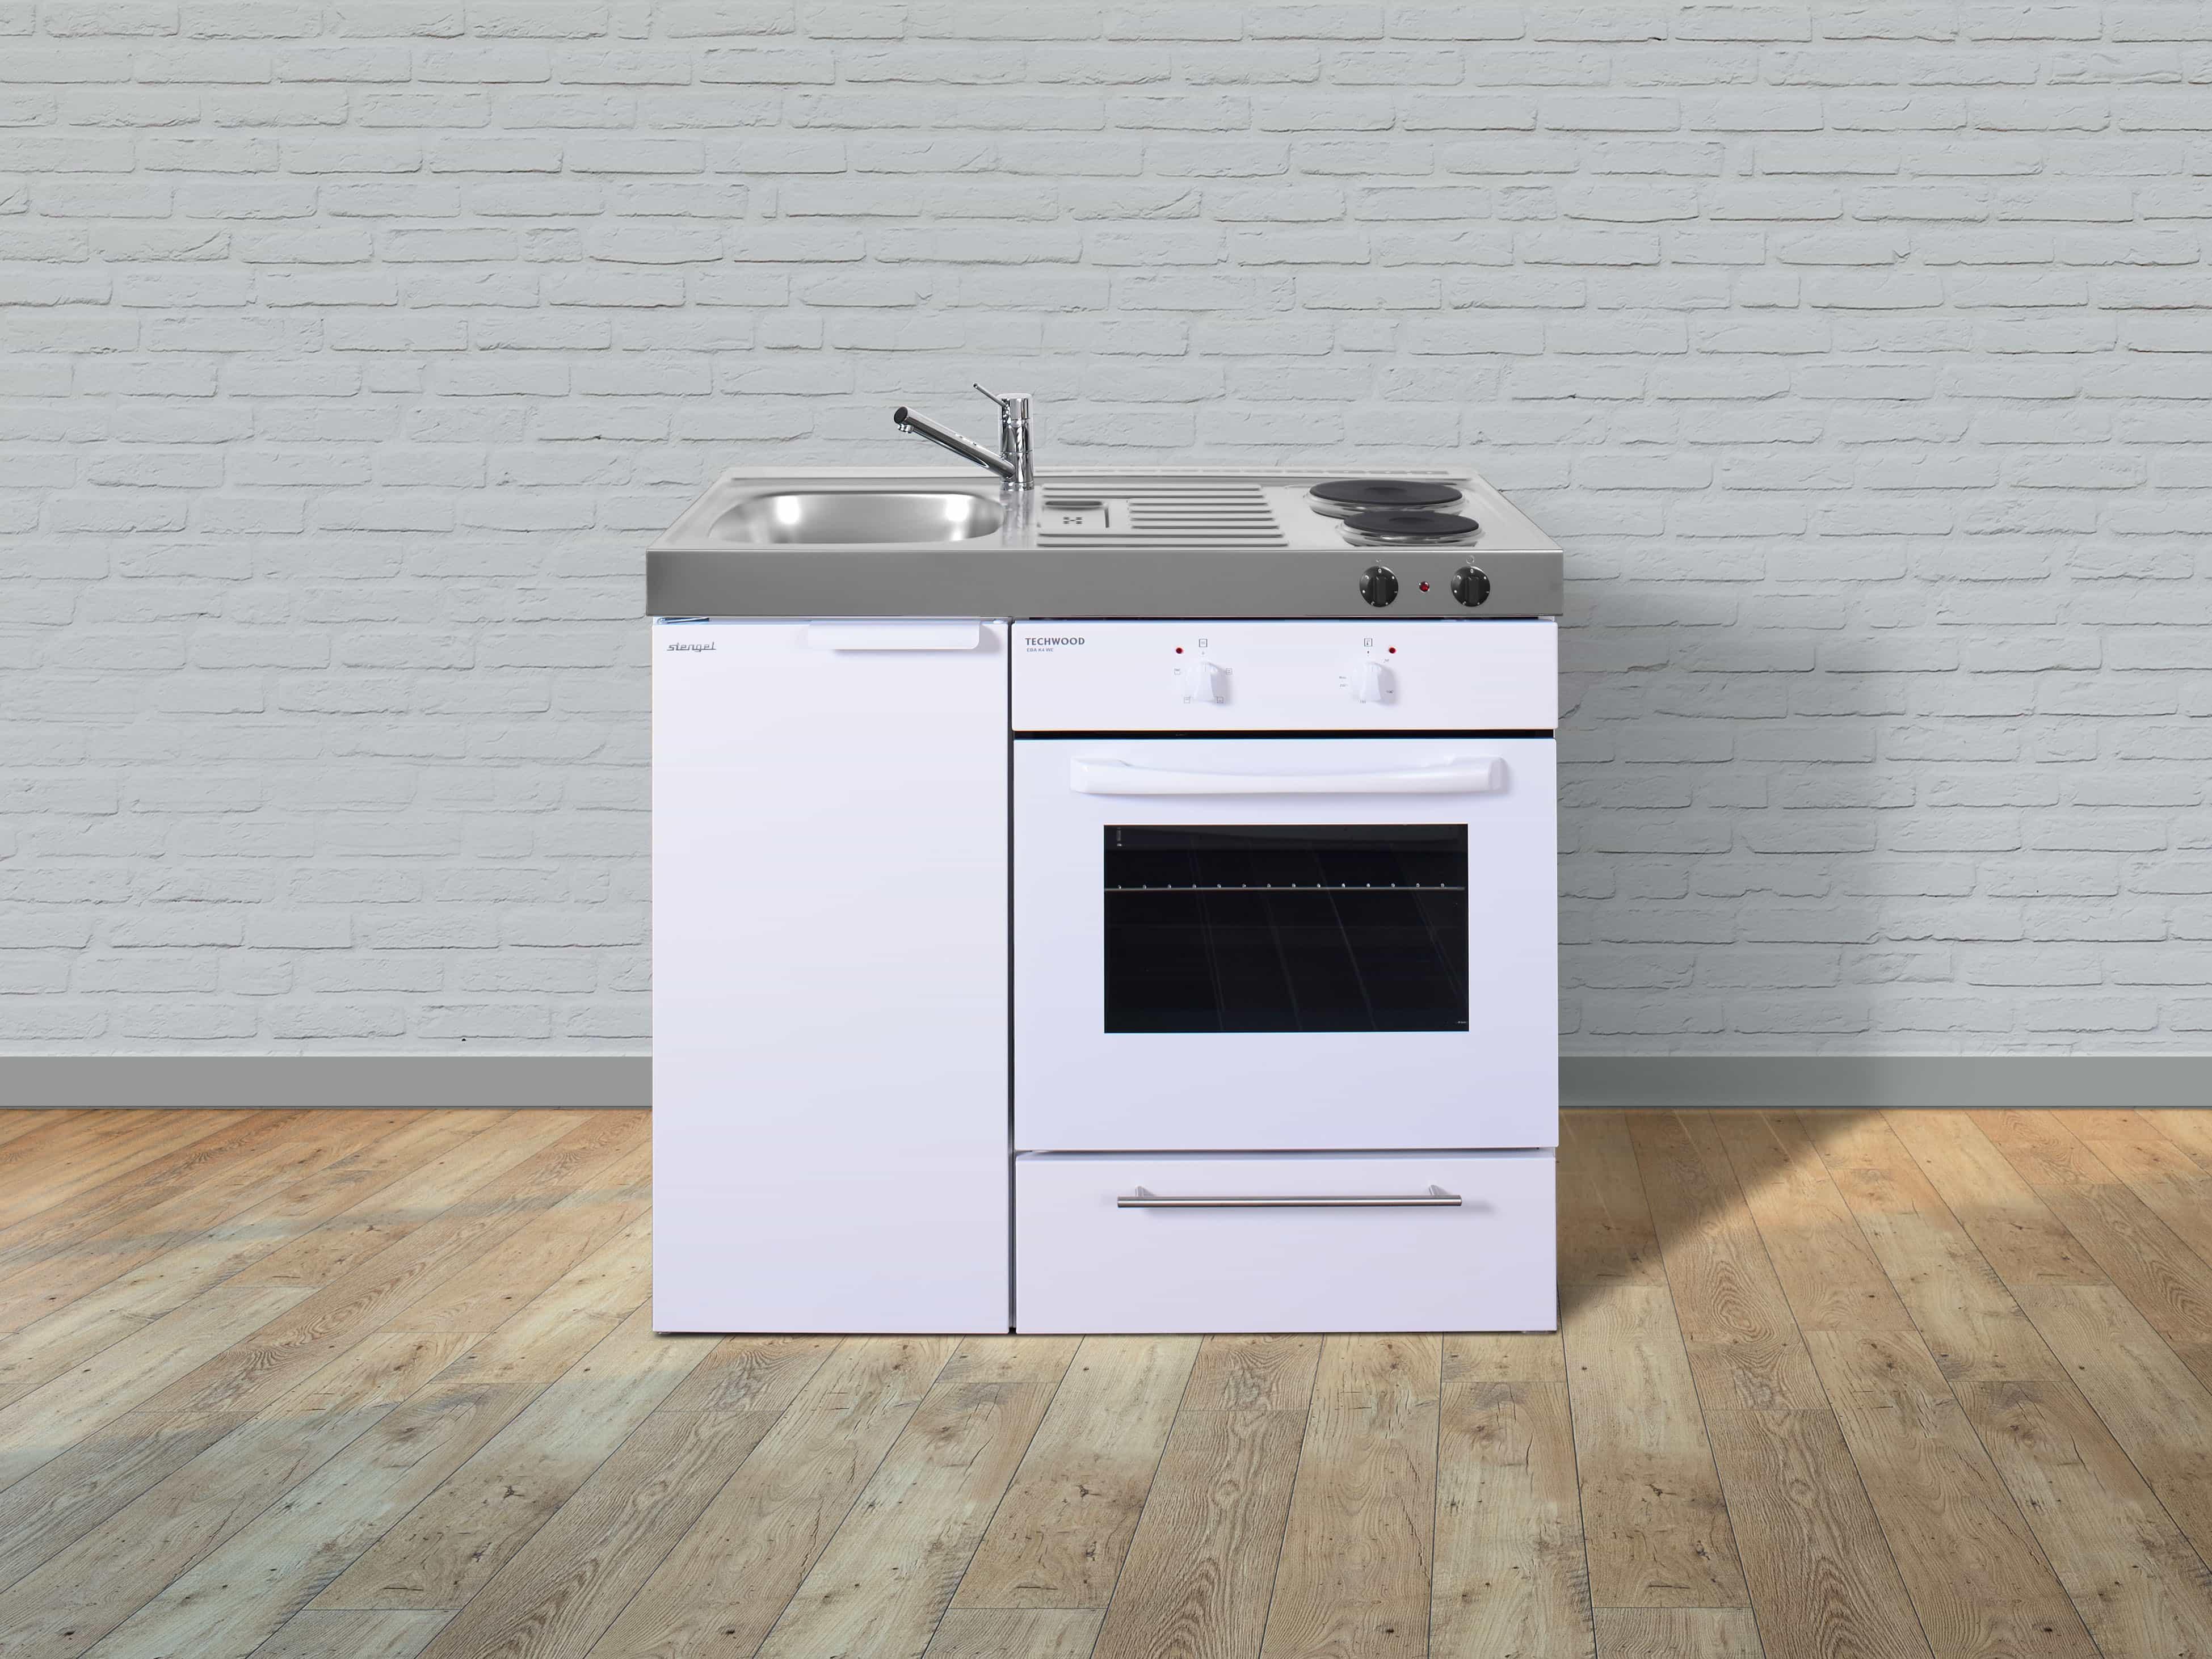 Miniküche Mit Kühlschrank Und Geschirrspüler : Miniküchen singleküchen günstig kaufen miniküchen online